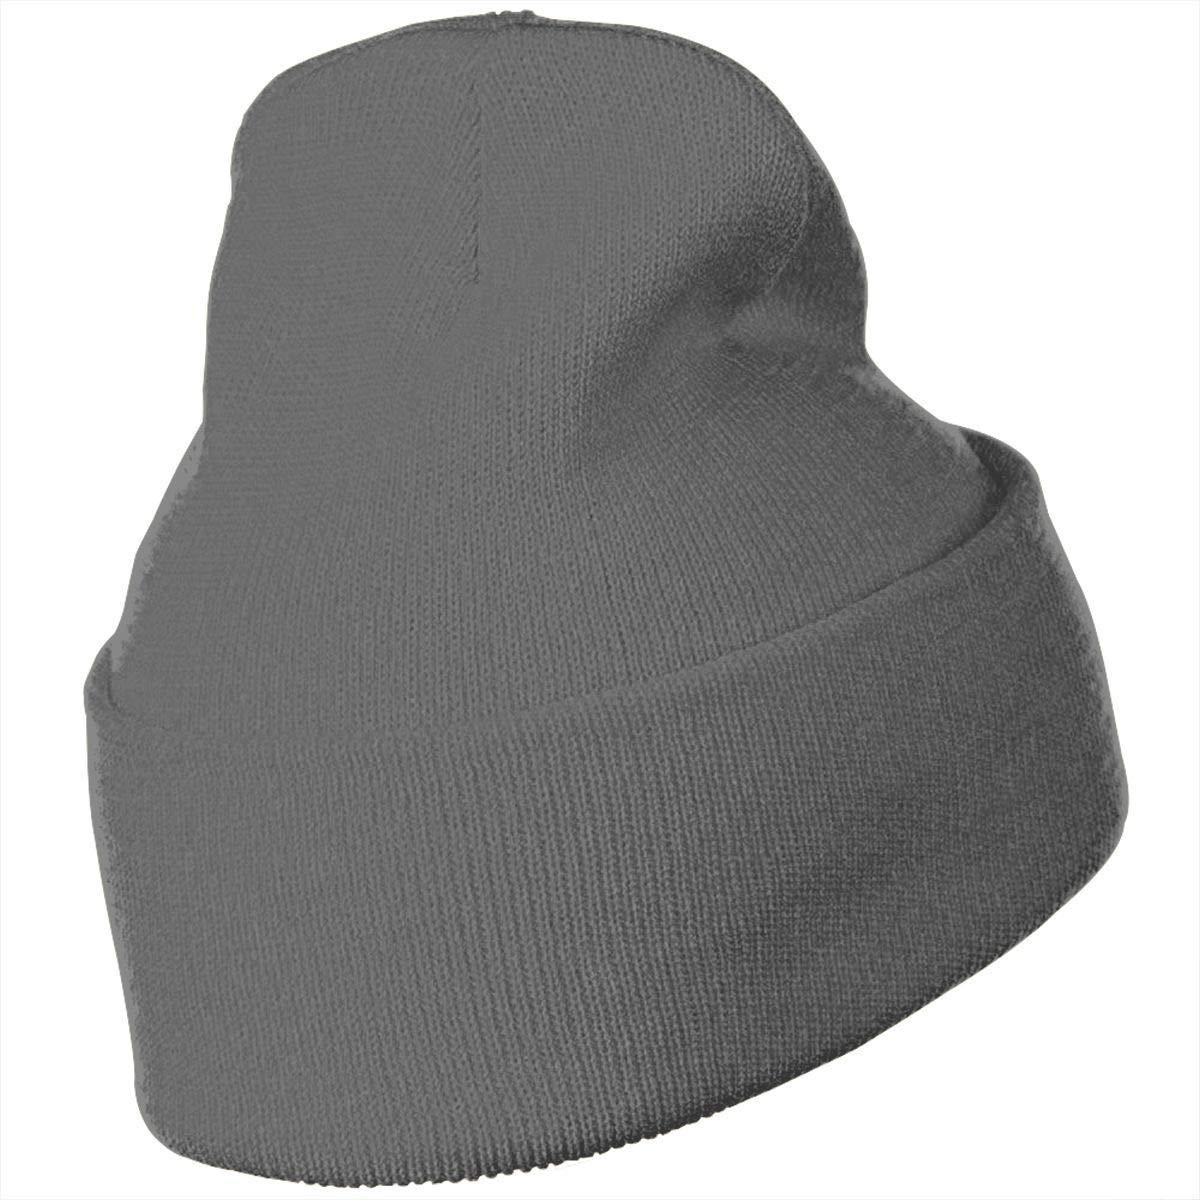 New York Strong 1-3 Cute Ski Cap Mens Womens 100/% Acrylic Knit Hat Cap